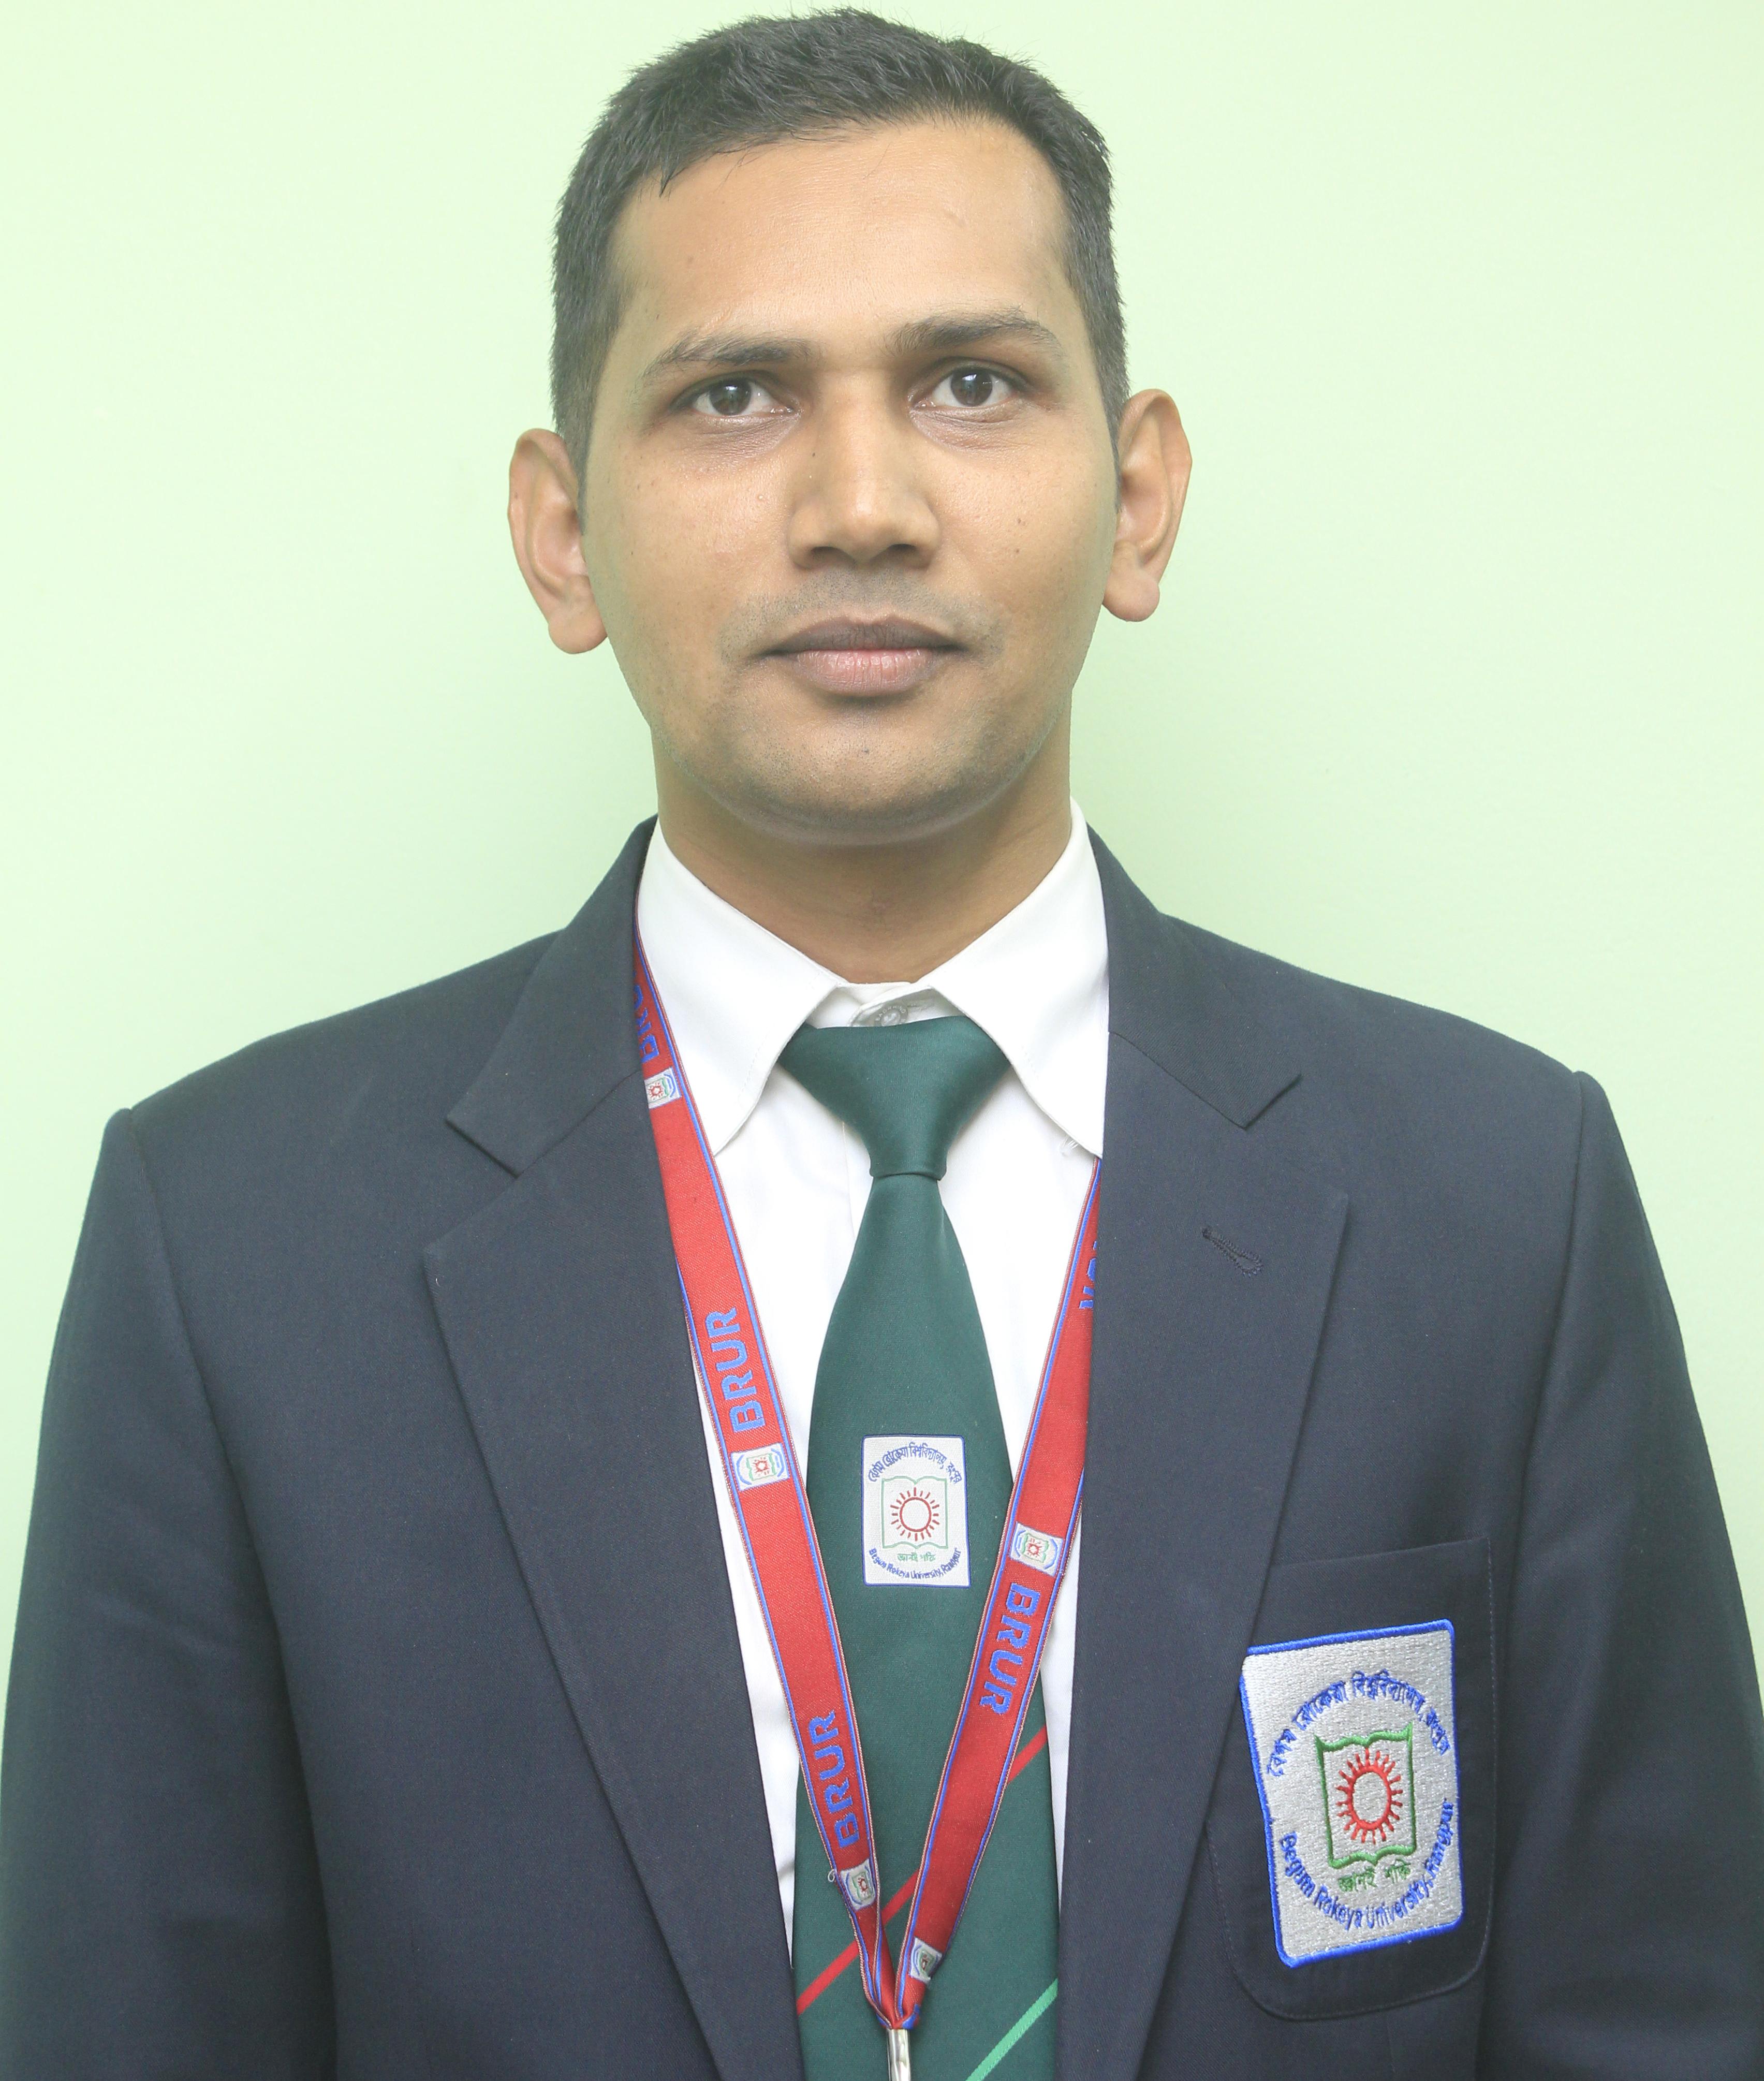 Md. Meraj Ali